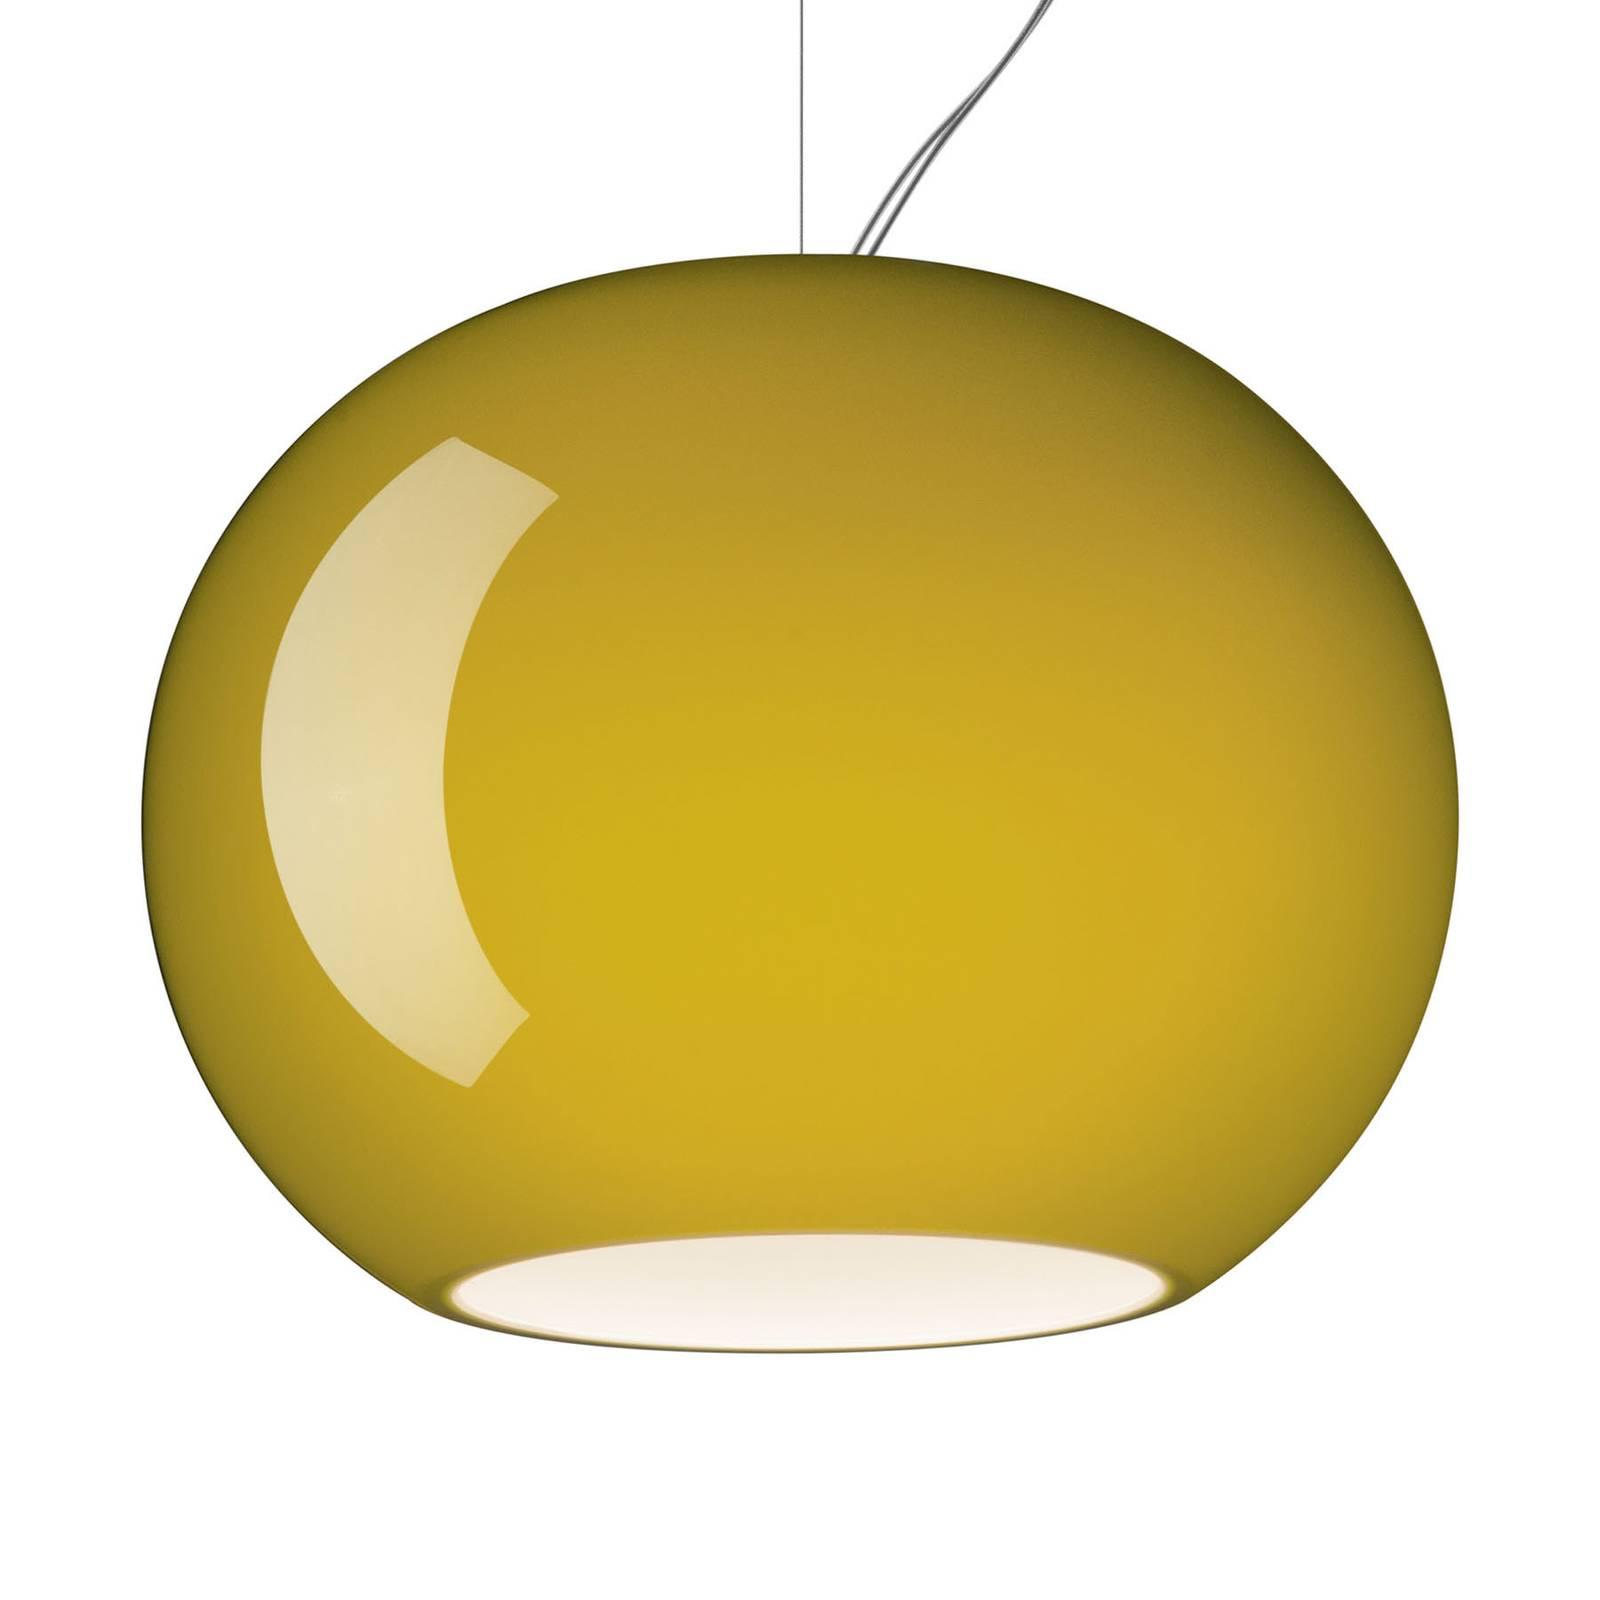 Foscarini Buds 3 LED-Pendelleuchte, E27 gelbgrün günstig online kaufen